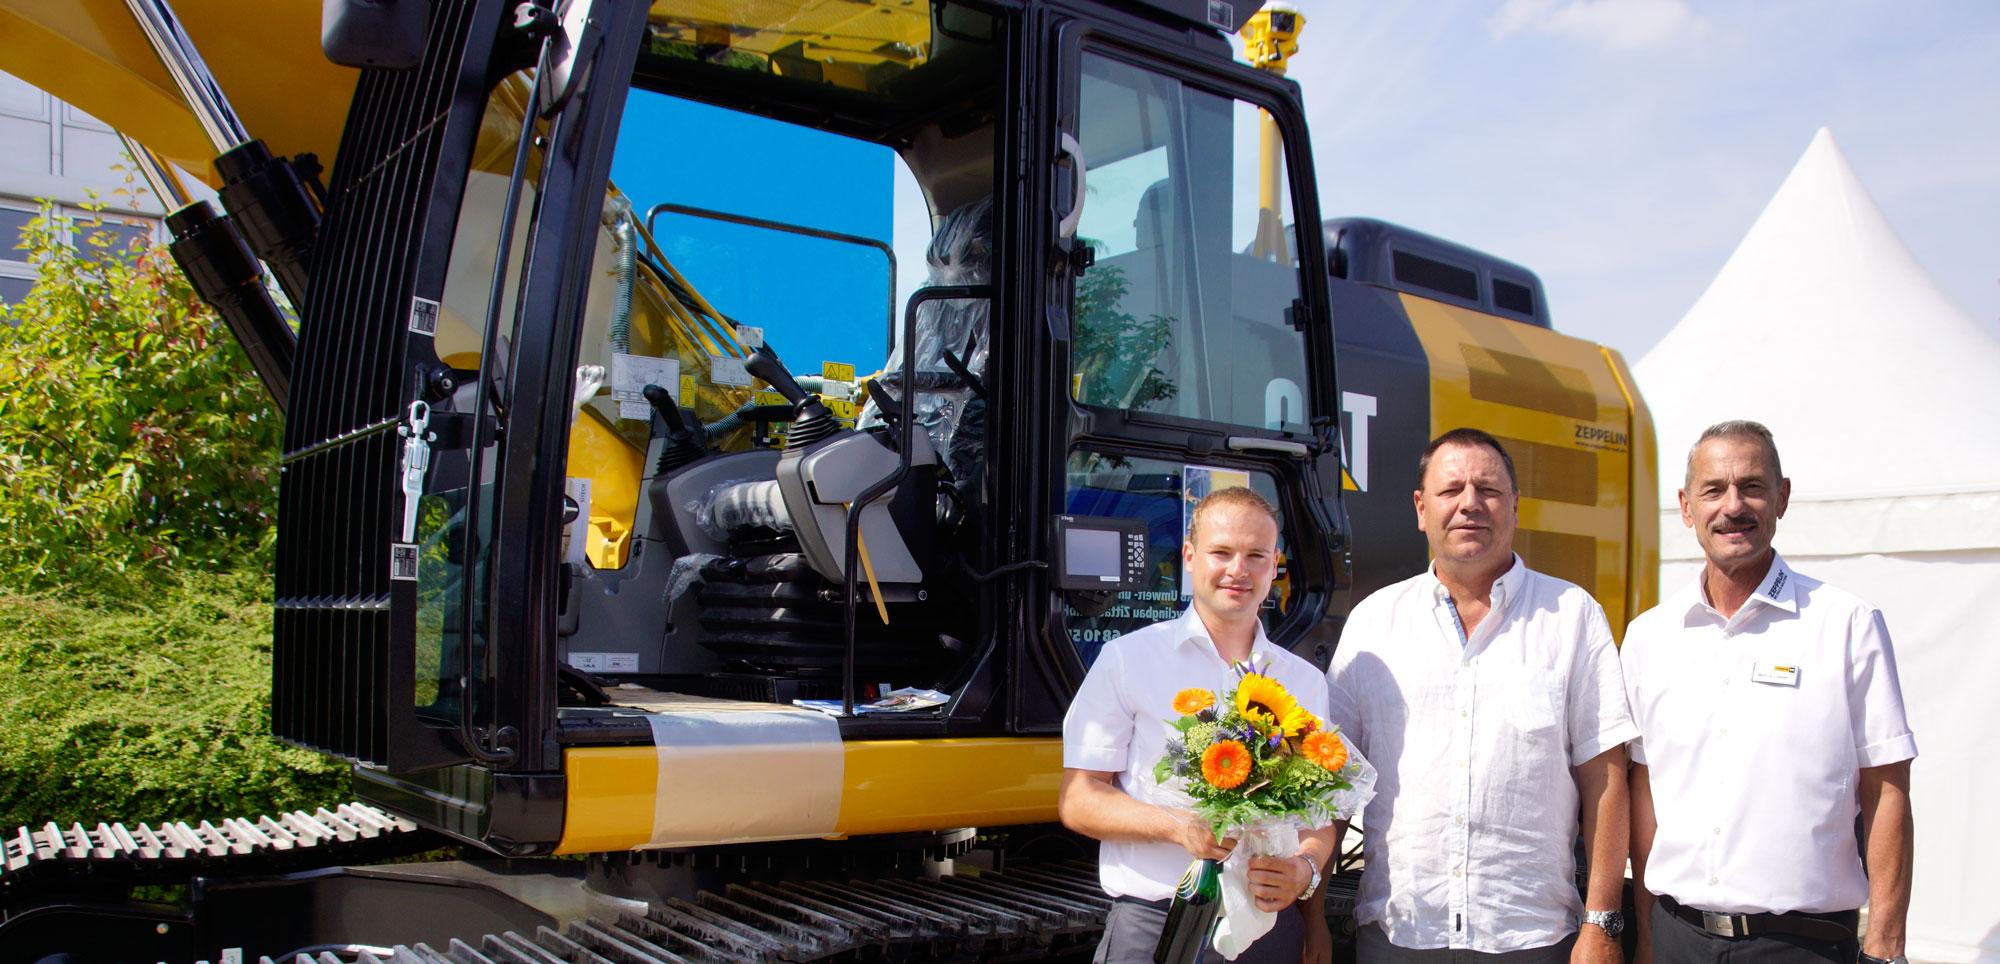 Blumen gab es nicht nur zum Jubiläum, sondern diese erhielt Detlef Lewerenz (Mitte), Inhaber der Umwelt-und Recycling-Bau GmbH, von Matthias Lützner (rechts), Niederlassungsleiter, und Matthias Lietsch (links), Verkaufsrepräsentant, bei der Übergabe eines neuen Kettenbaggers.